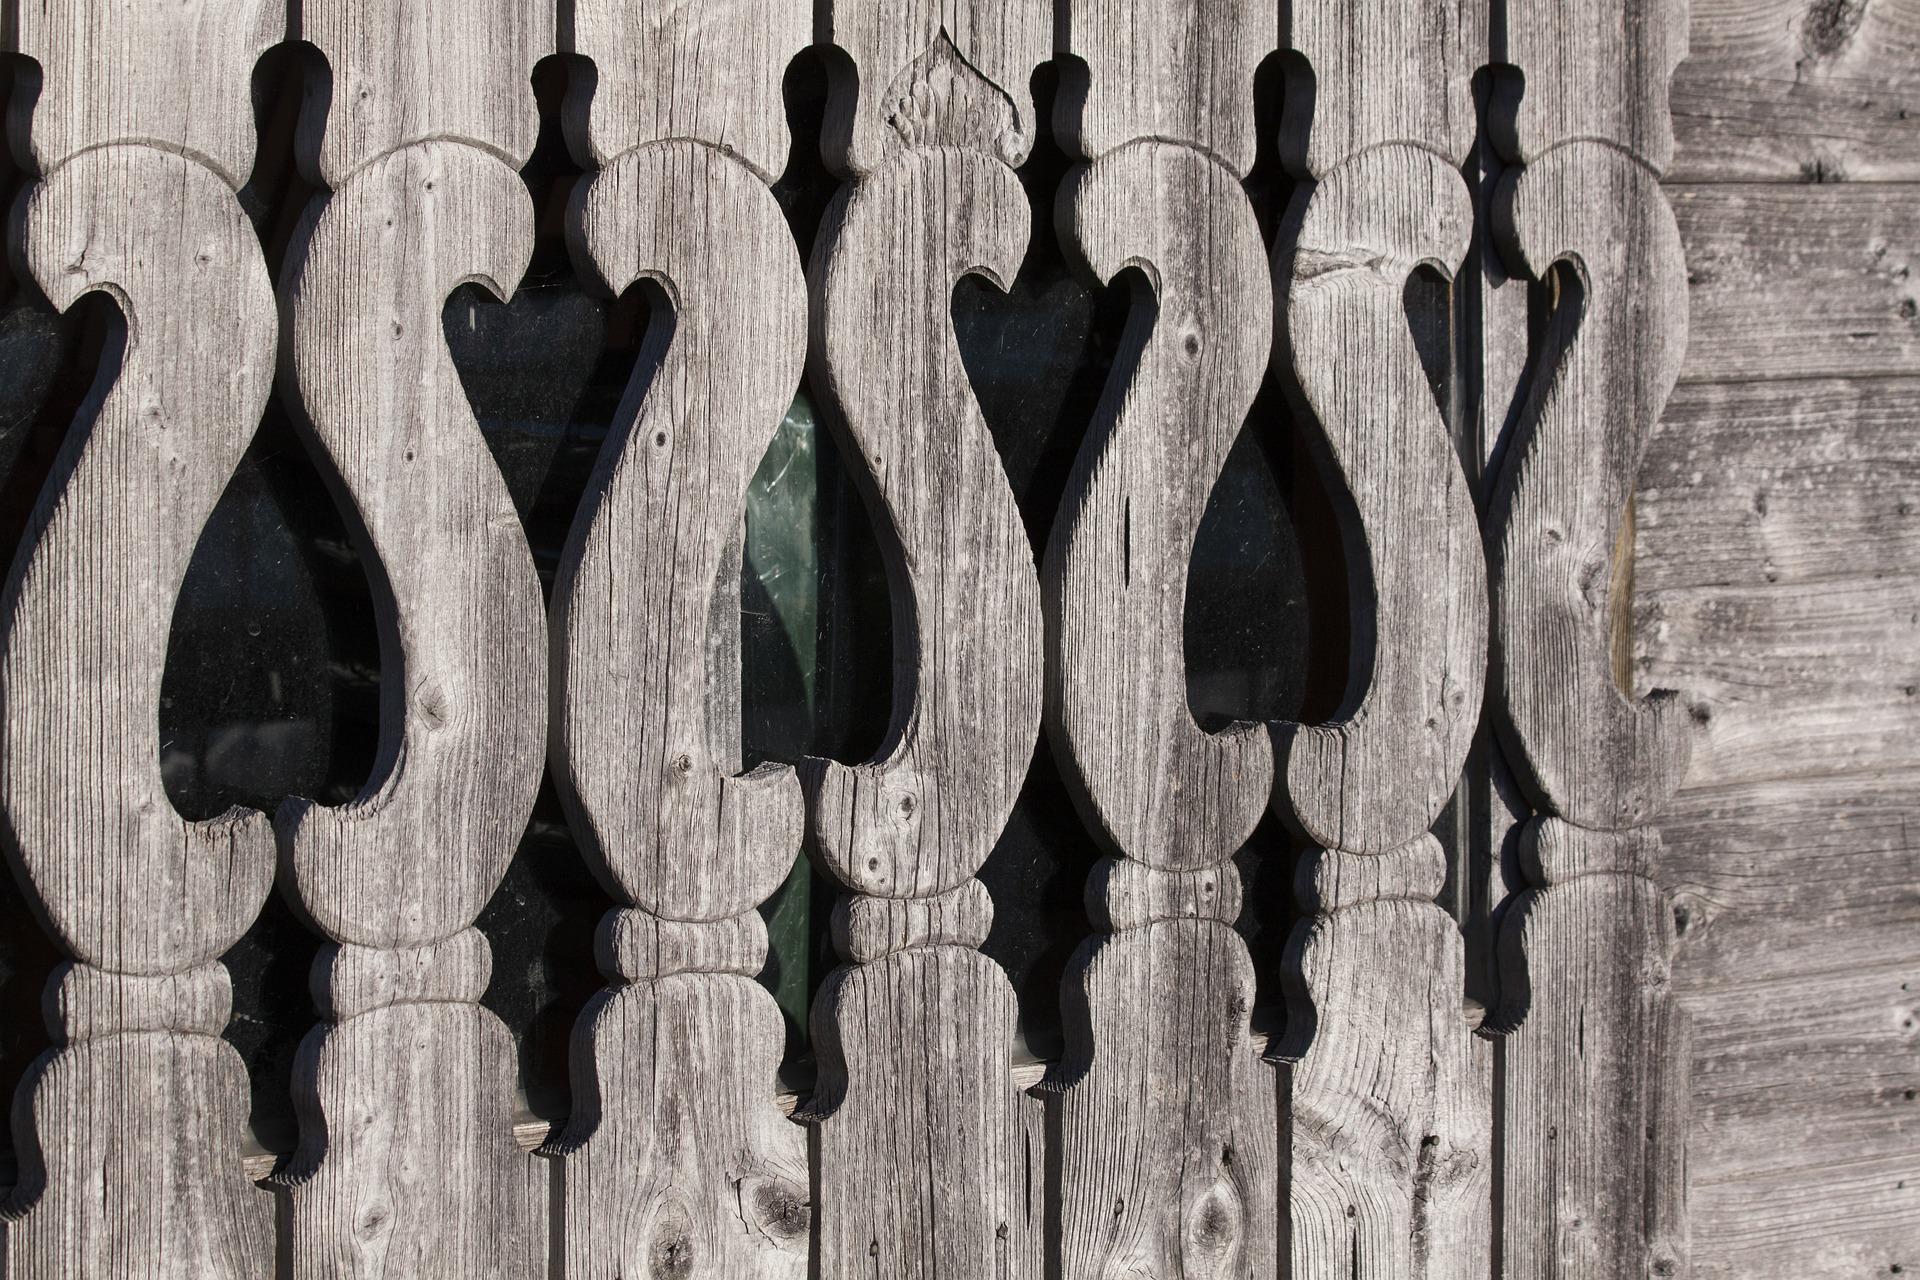 Wooden Design, Design, Grunge, Grungy, Texture, HQ Photo